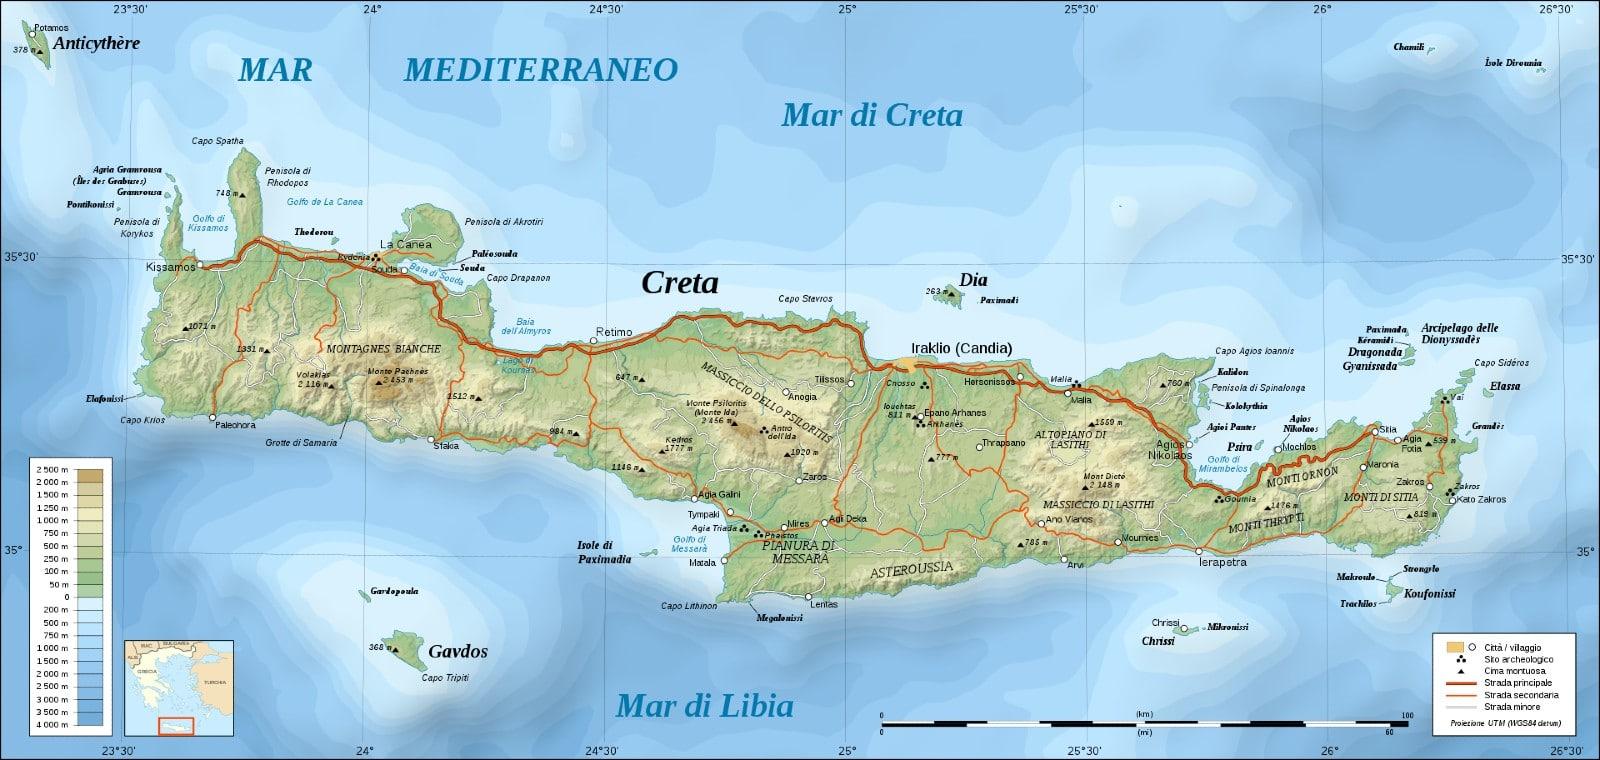 Cartina Geografica Dell Isola Di Creta.Mappa Di Creta Cartina Interattiva E Download Mappe In Pdf Grecia Info